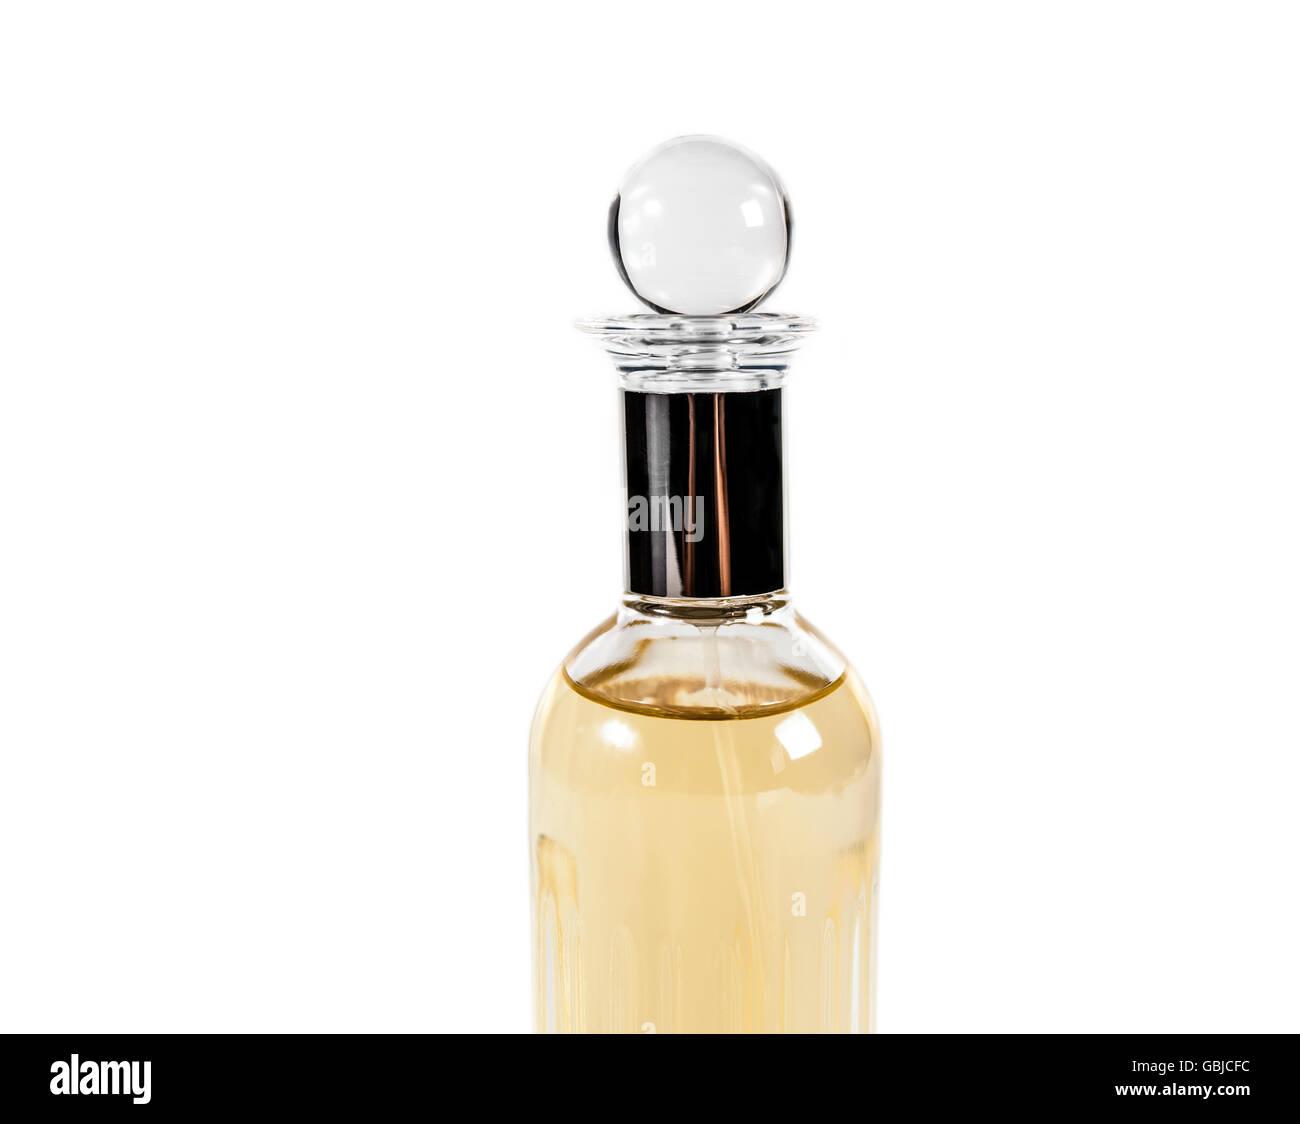 Bottle of female perfume on isolated white background - Stock Image